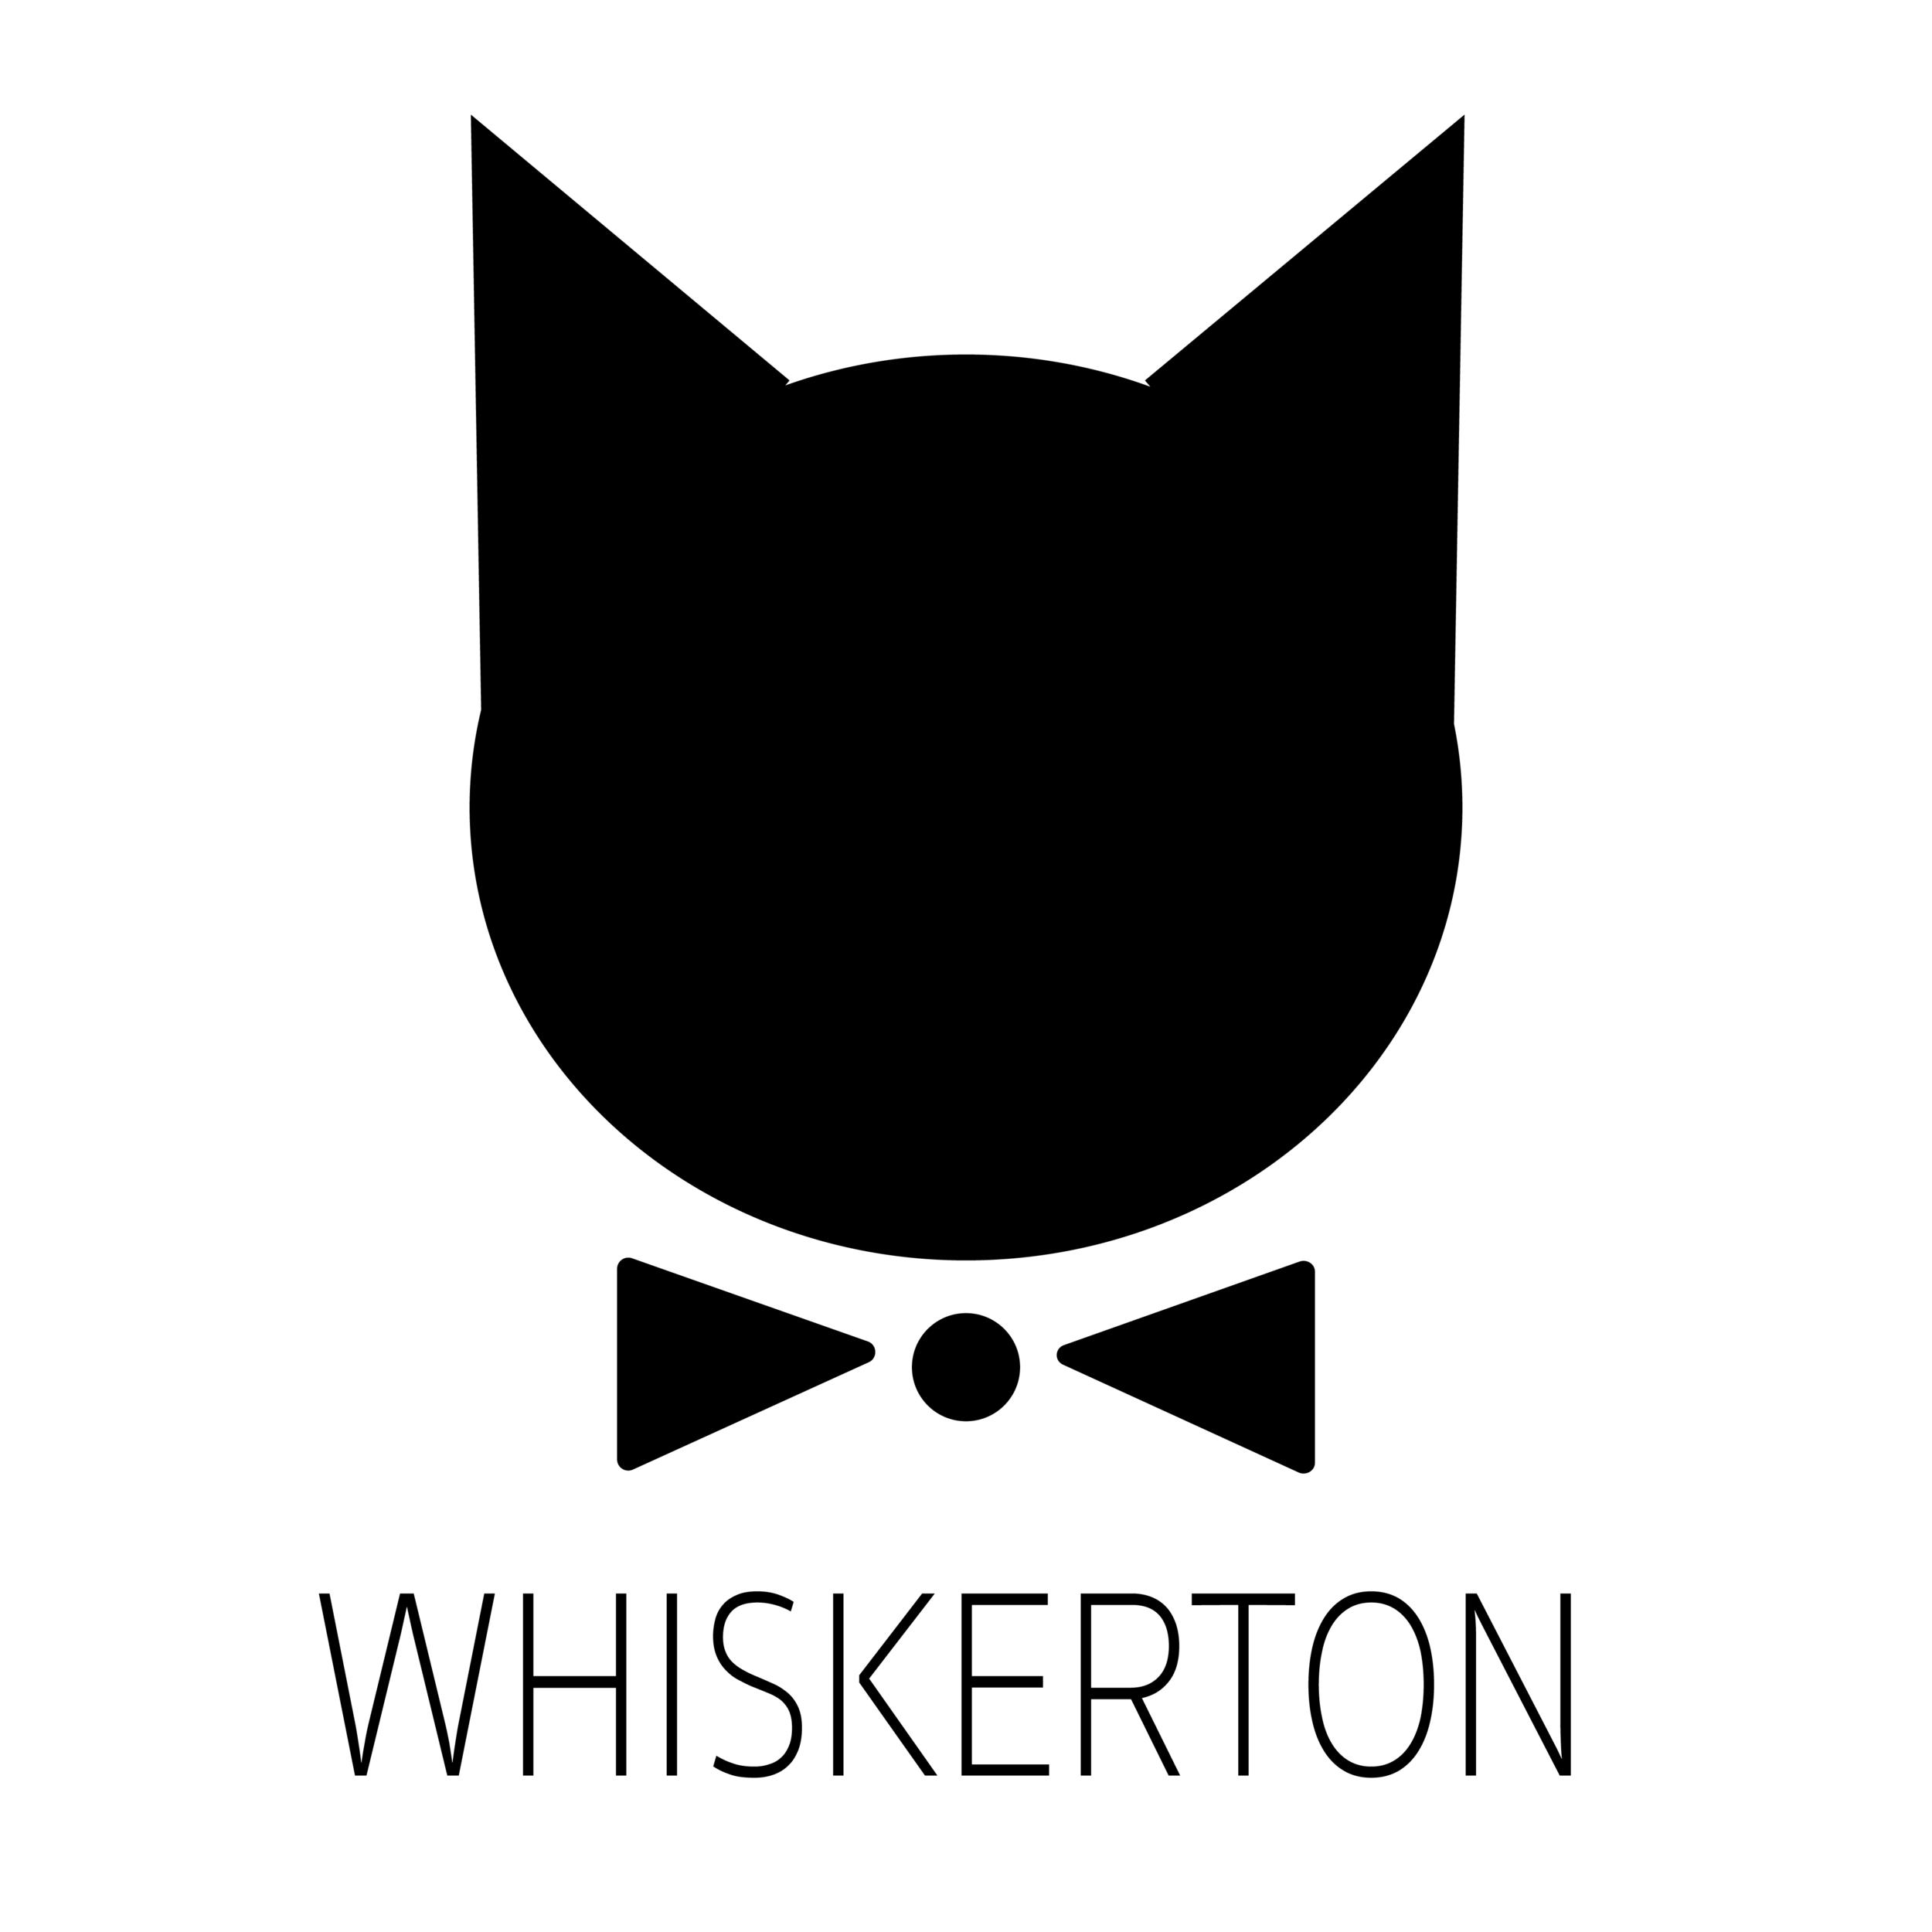 whiskerton logo_icon_white bg.png